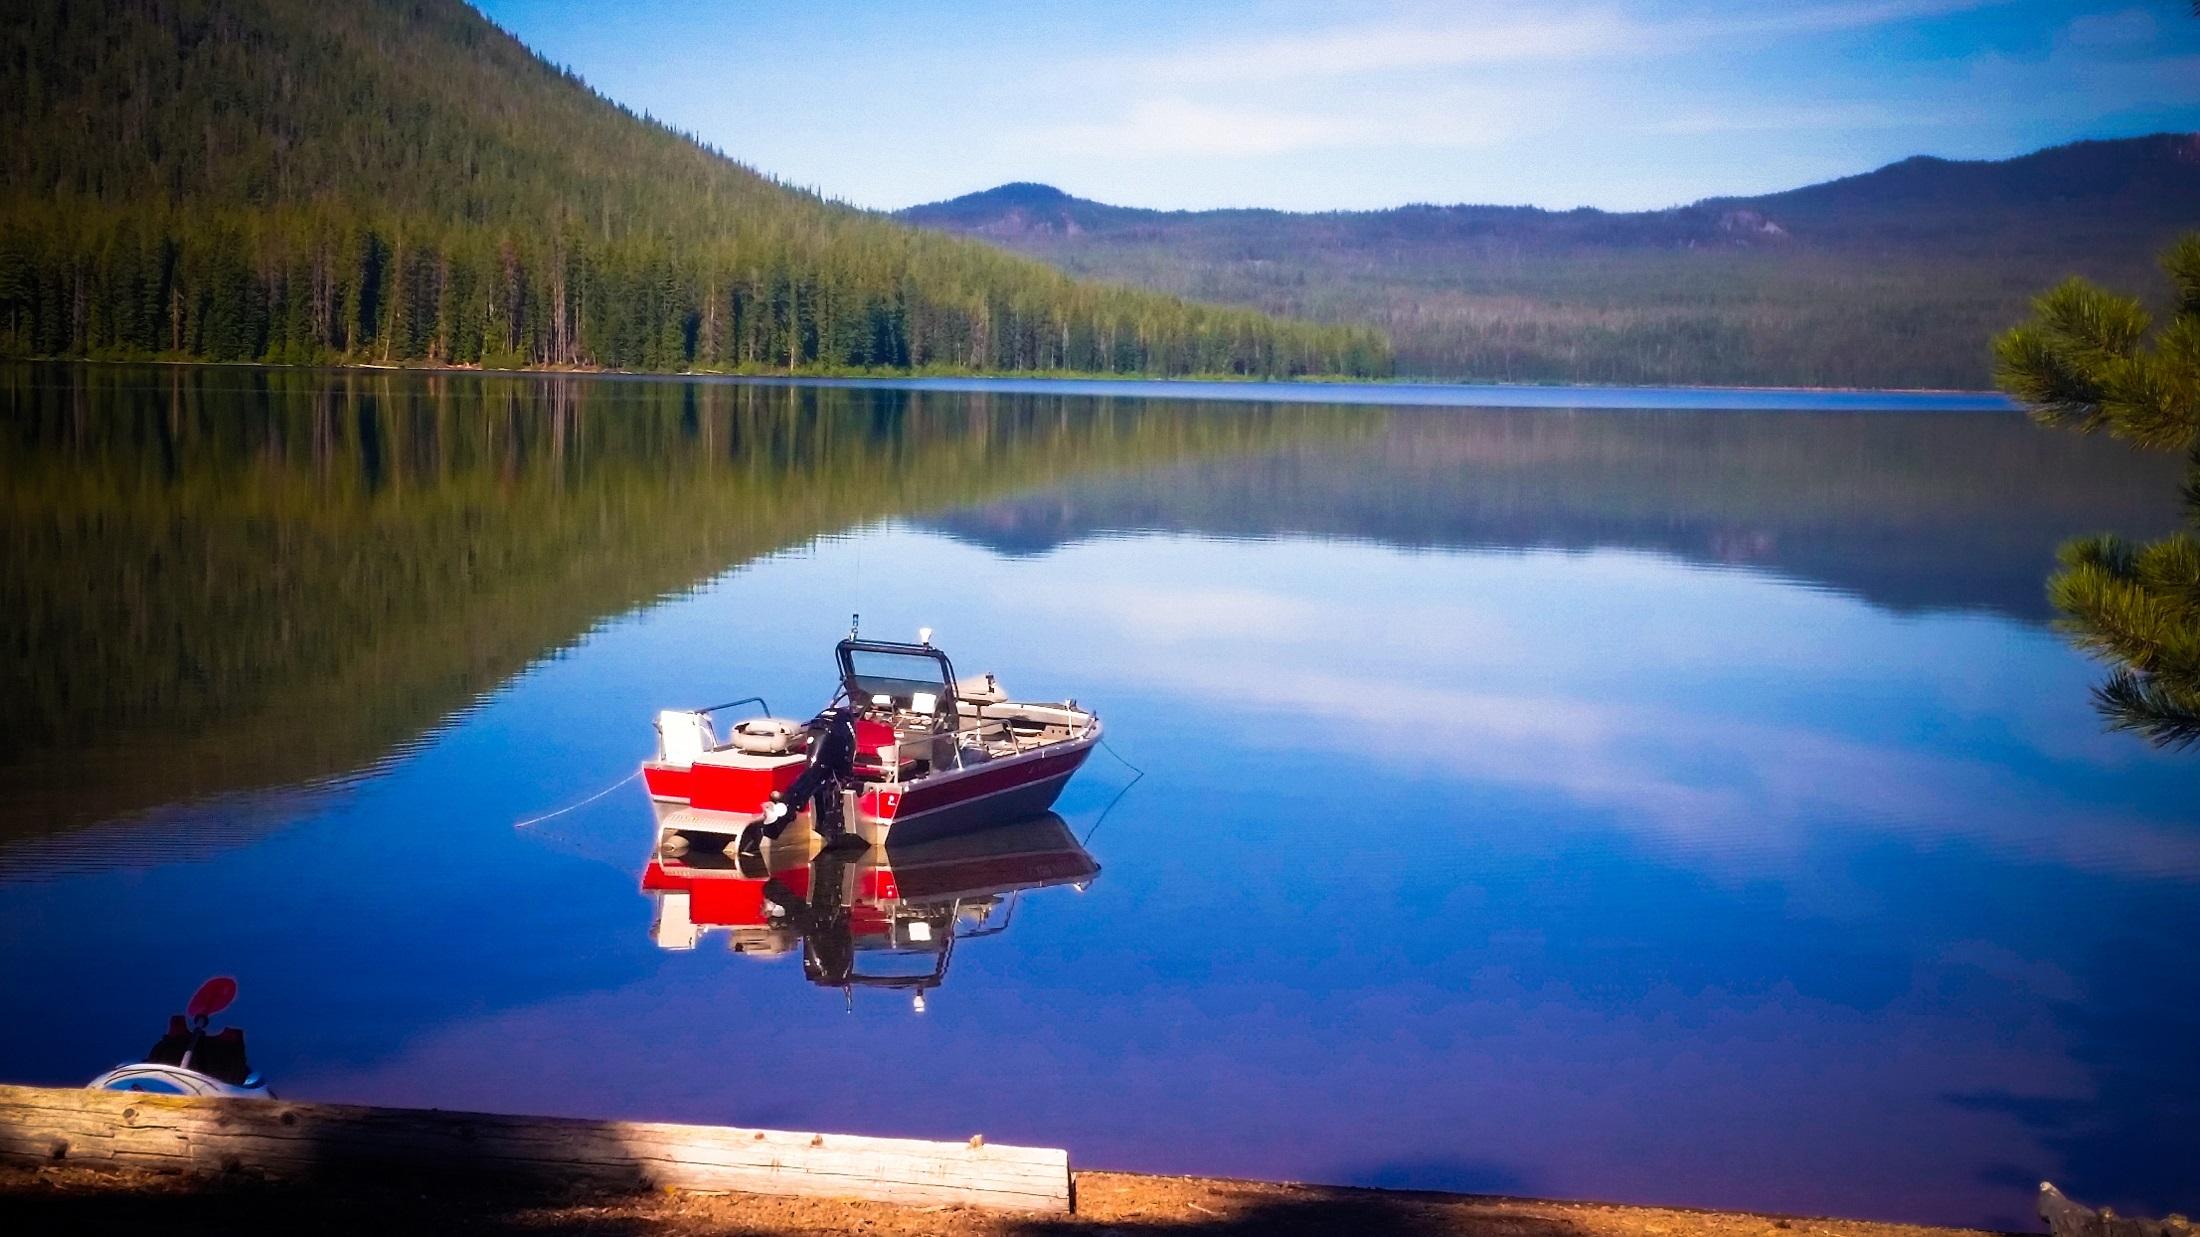 Cultus lake photo